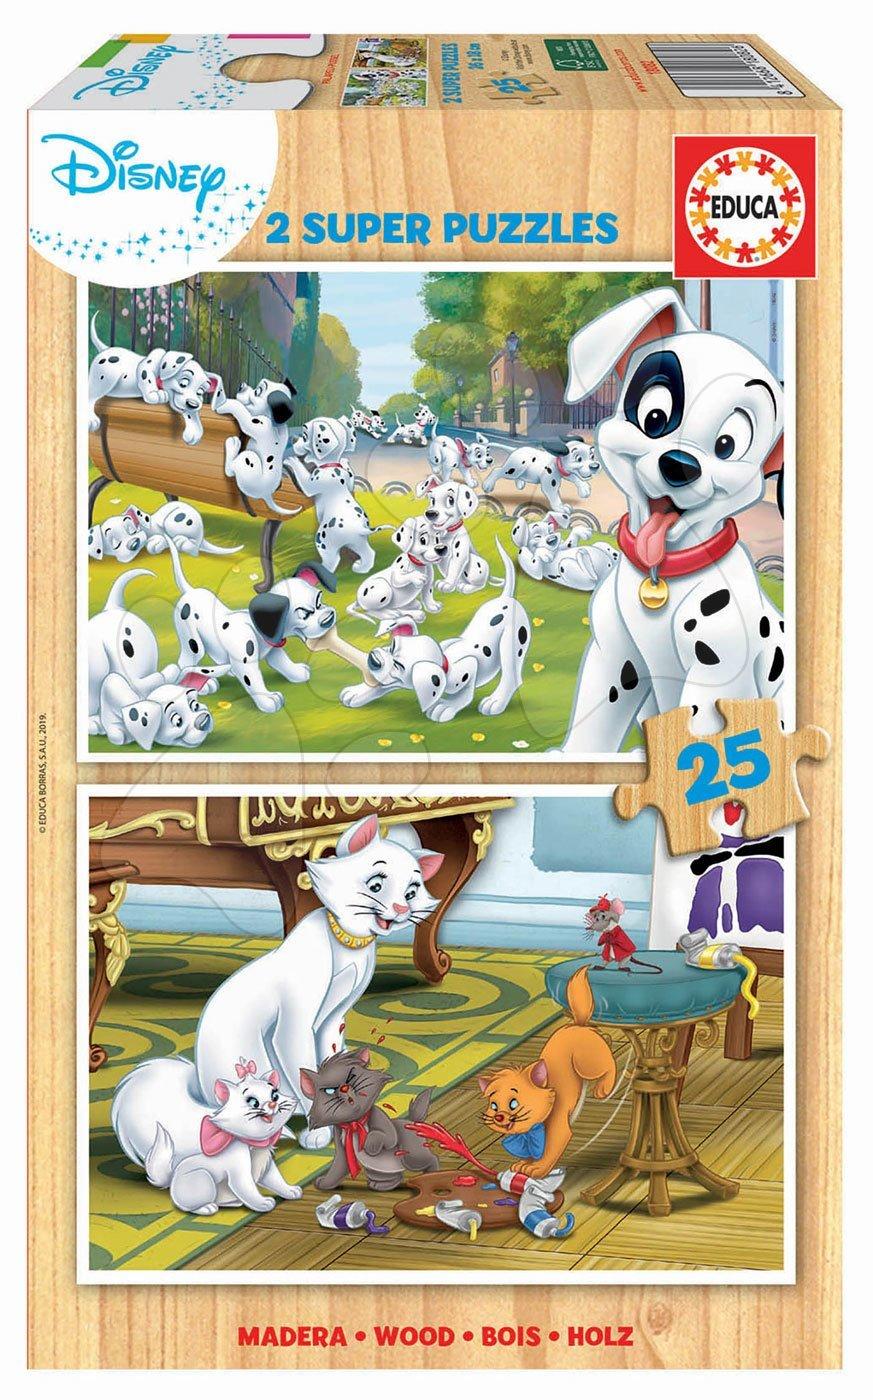 Drevené puzzle pre deti Disney zvieratká Educa 2x25 dielov